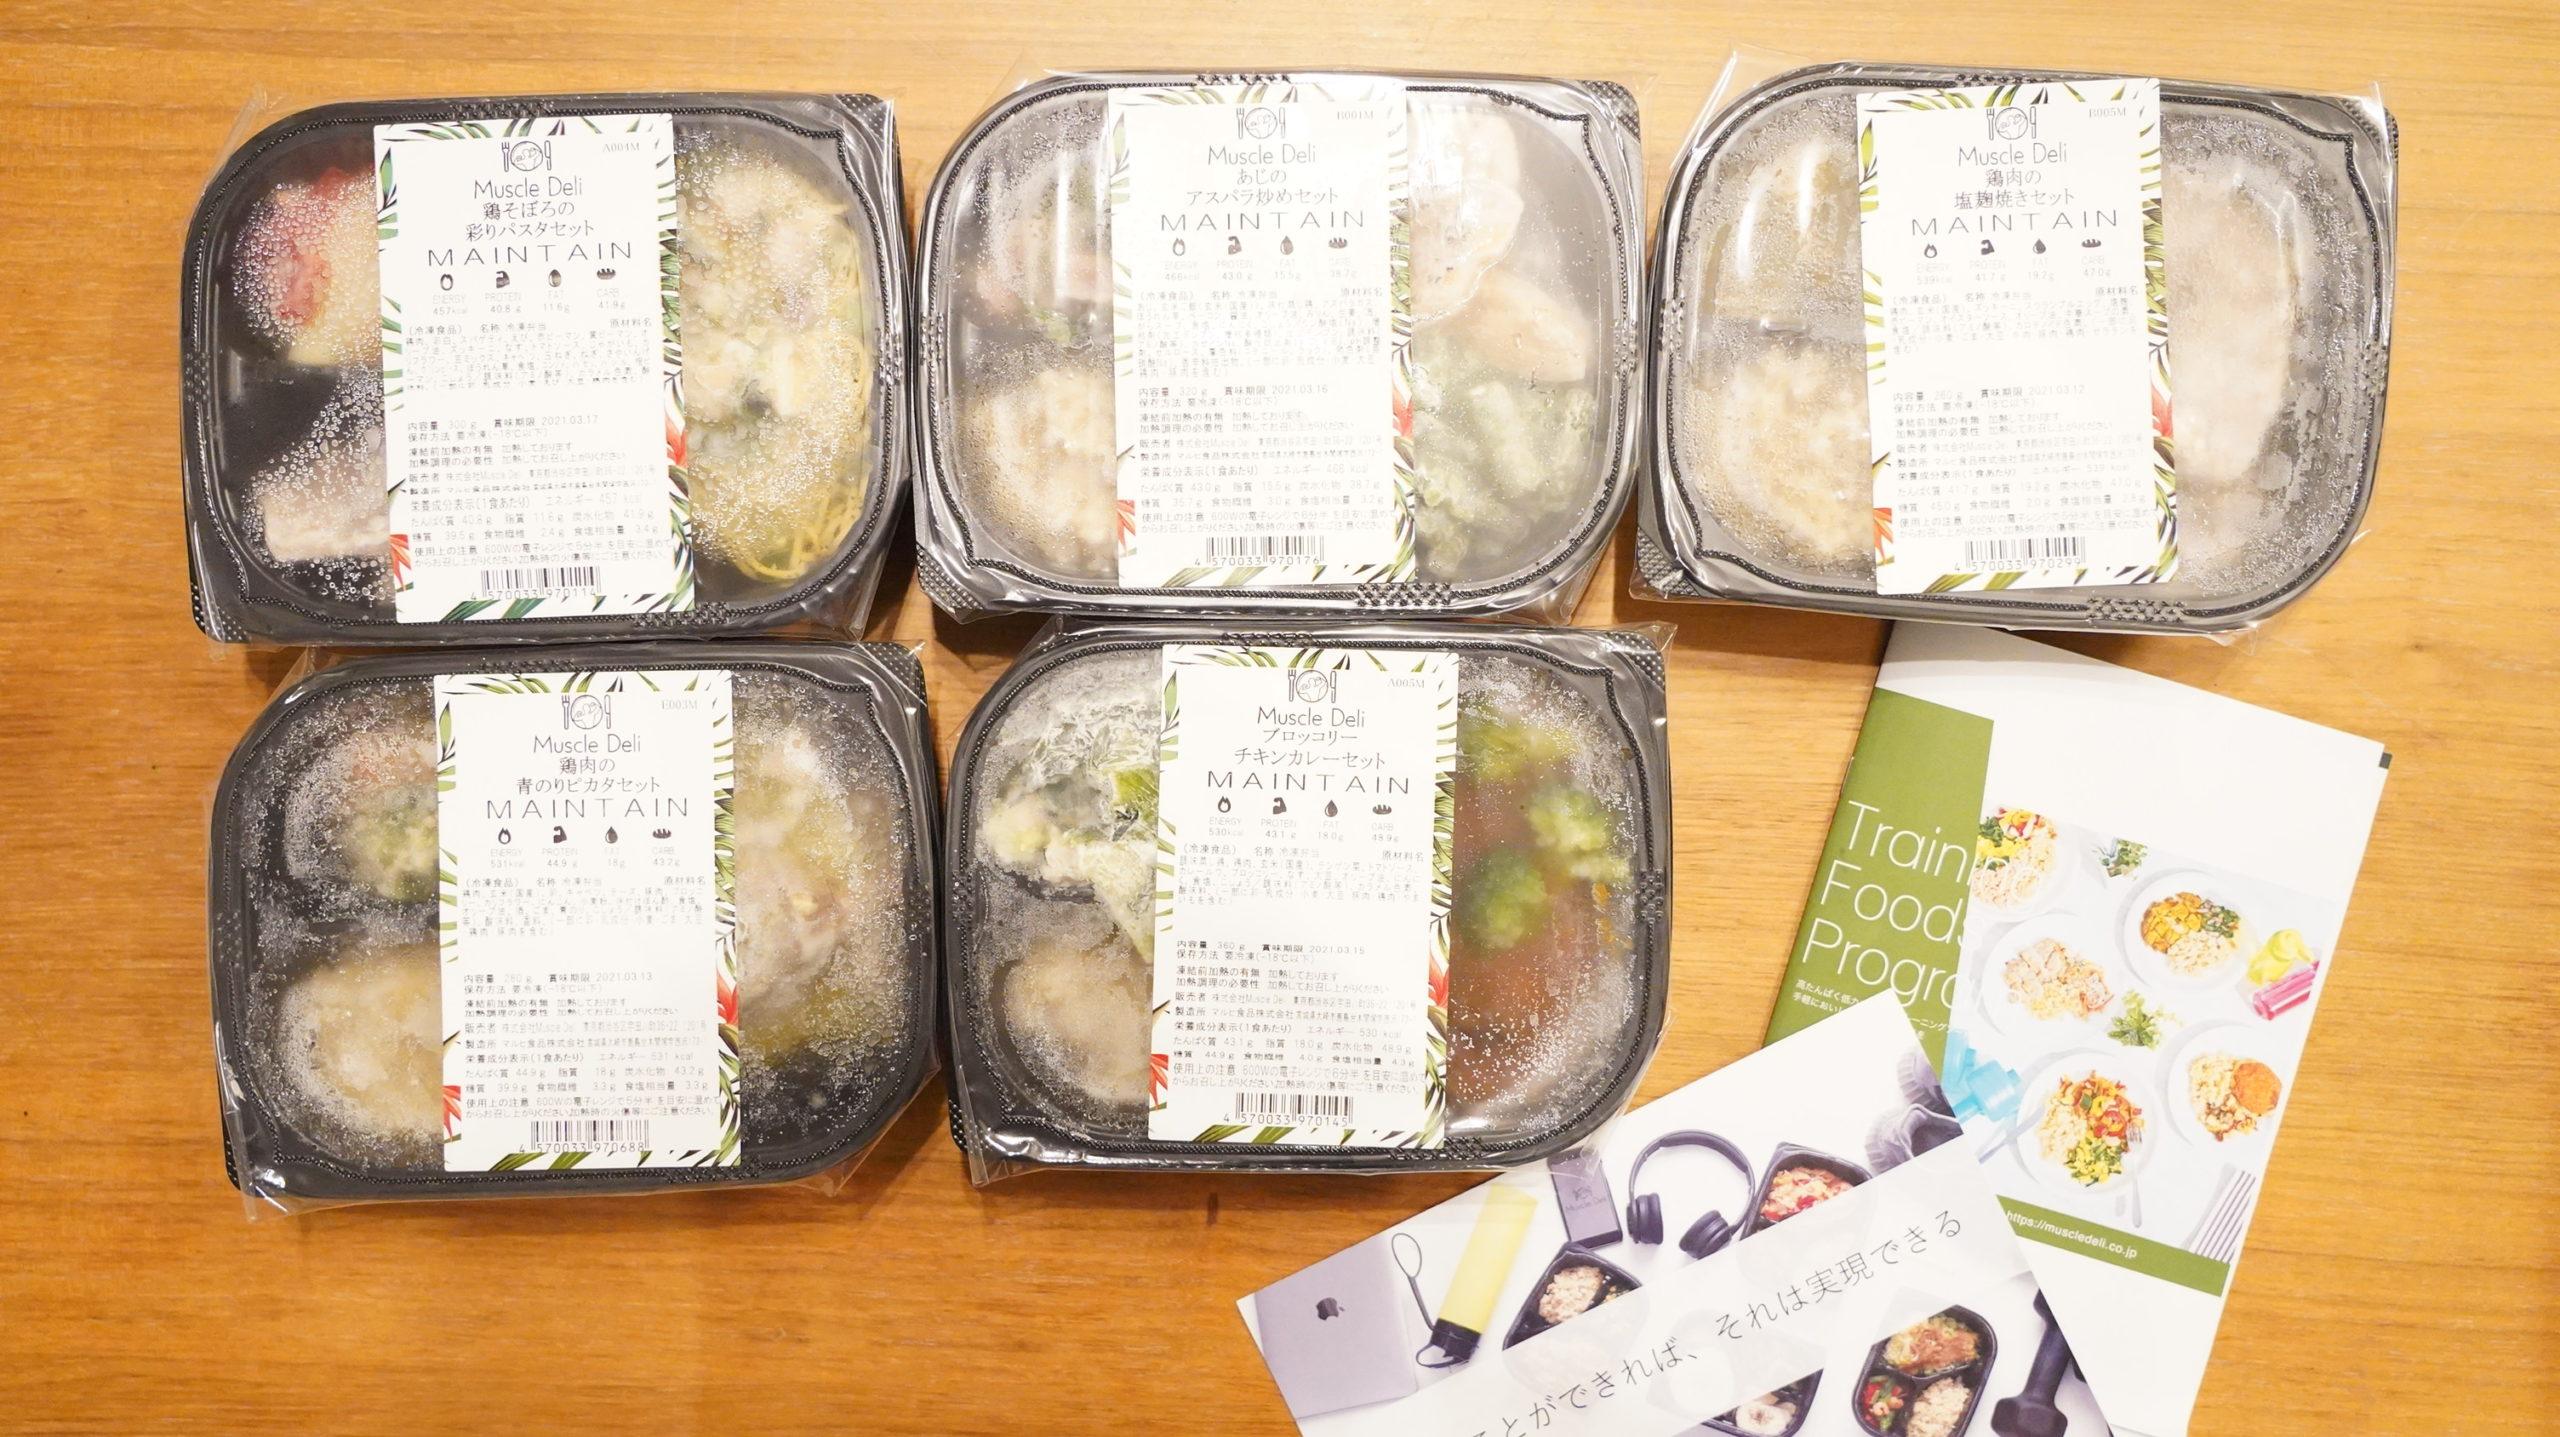 マッスルデリ(Muscle Deli)のお弁当と冊子の写真